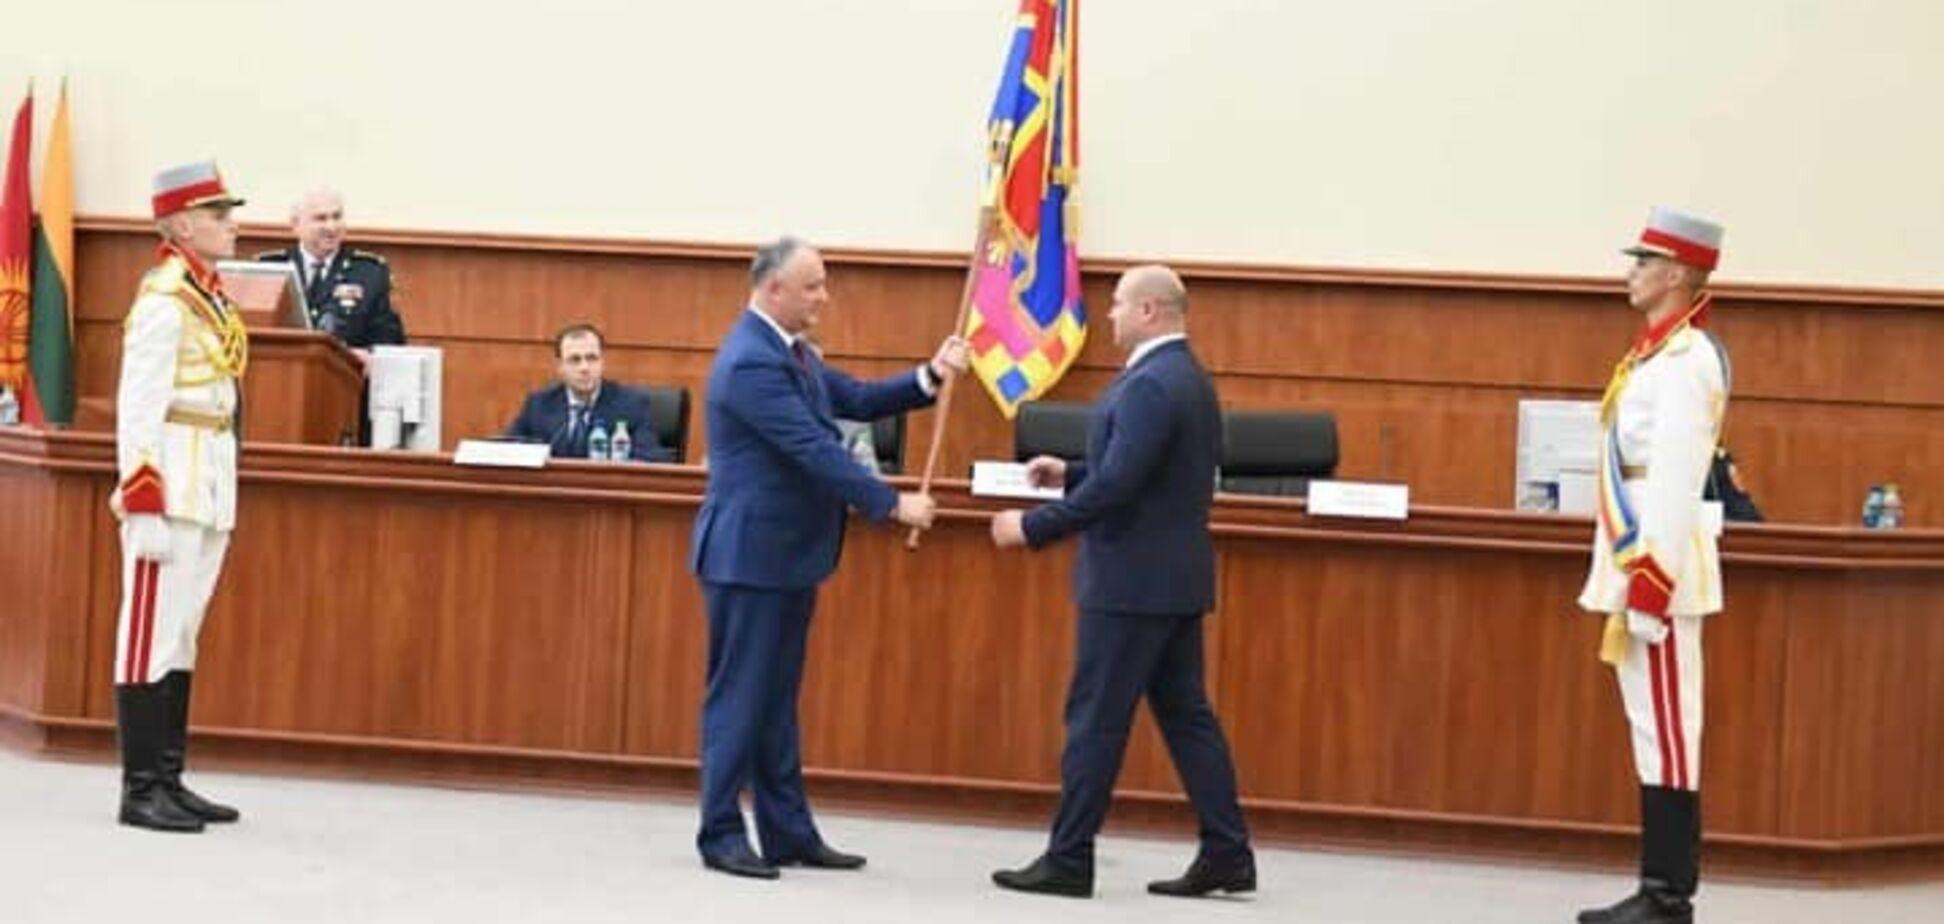 В Молдове передумали распускать парламент и отменили выборы